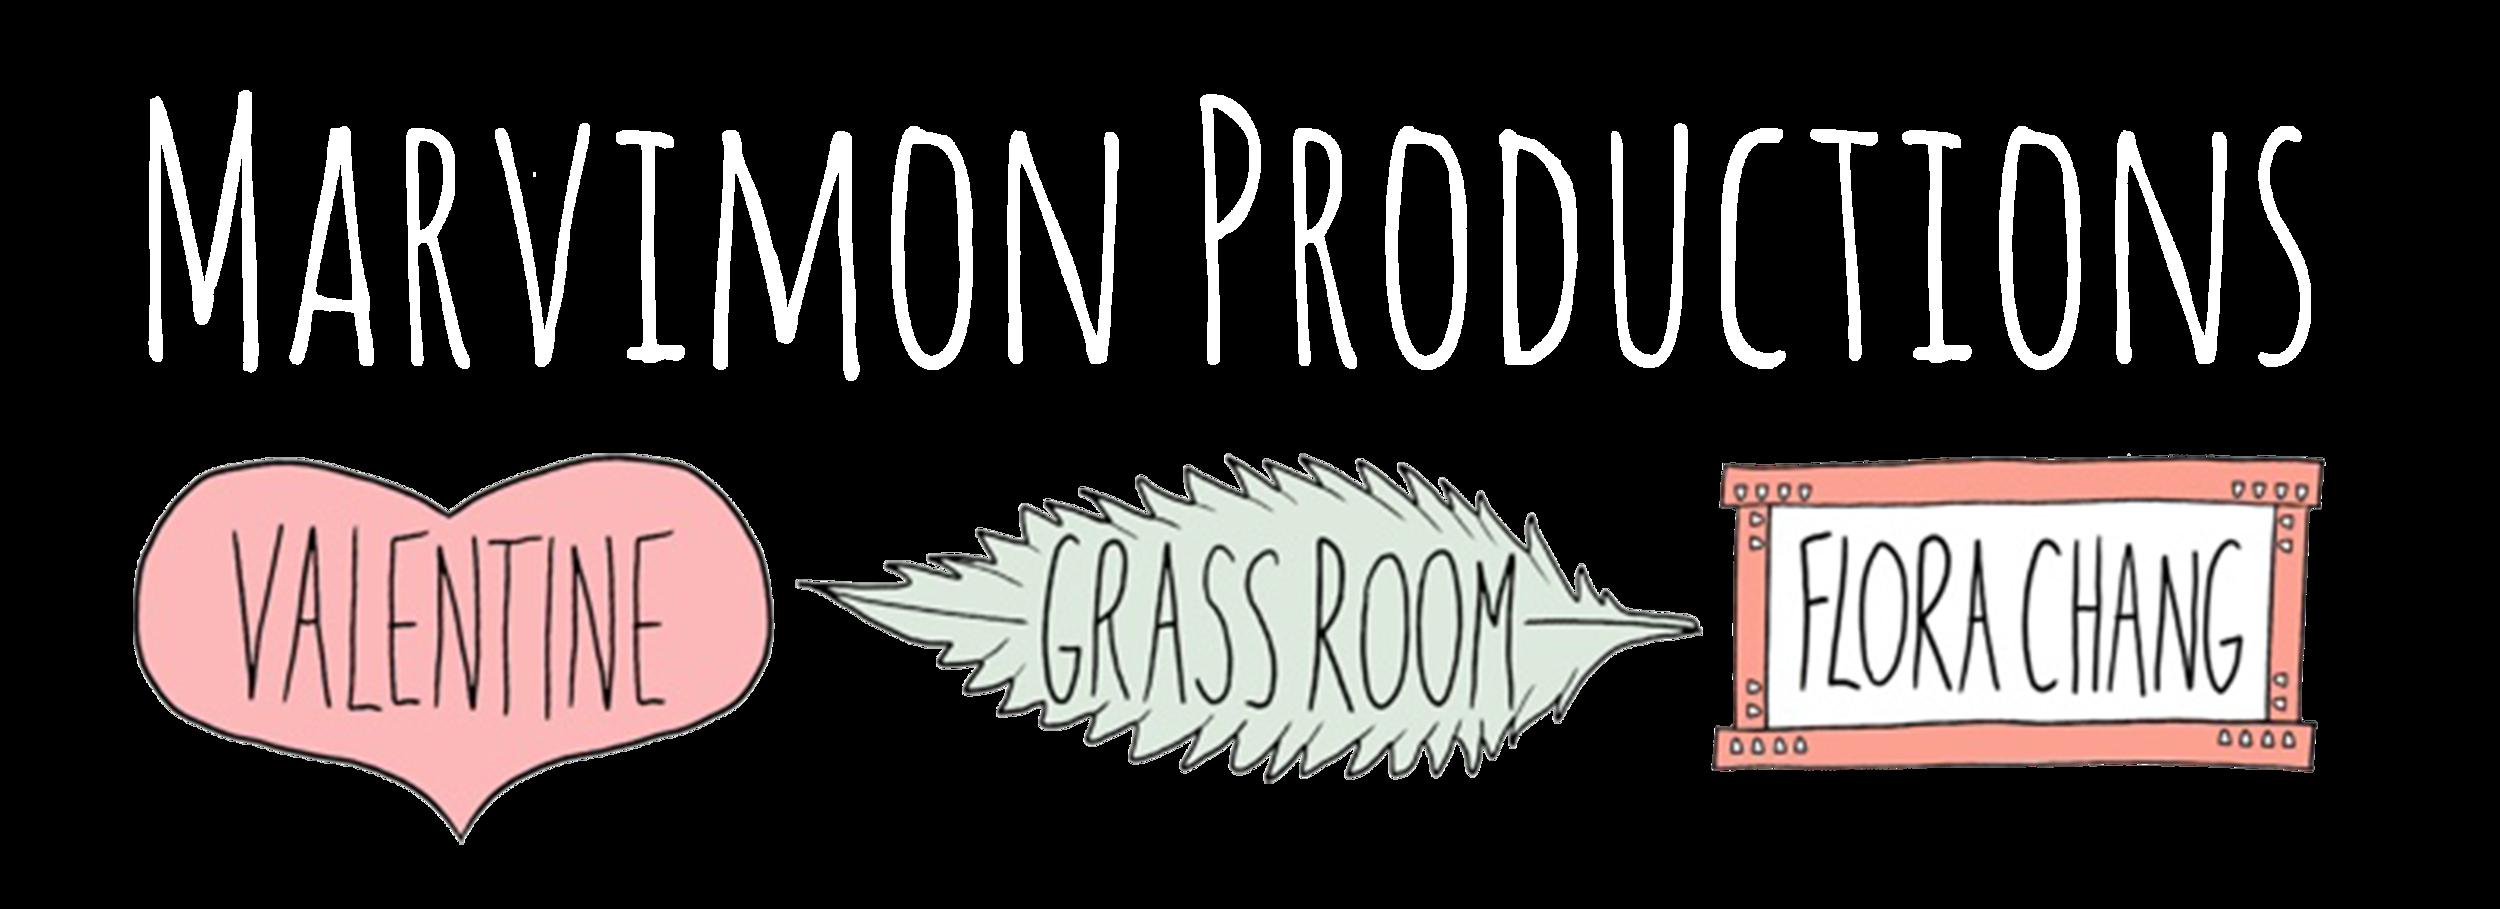 MarvimonProductionsLogo.png